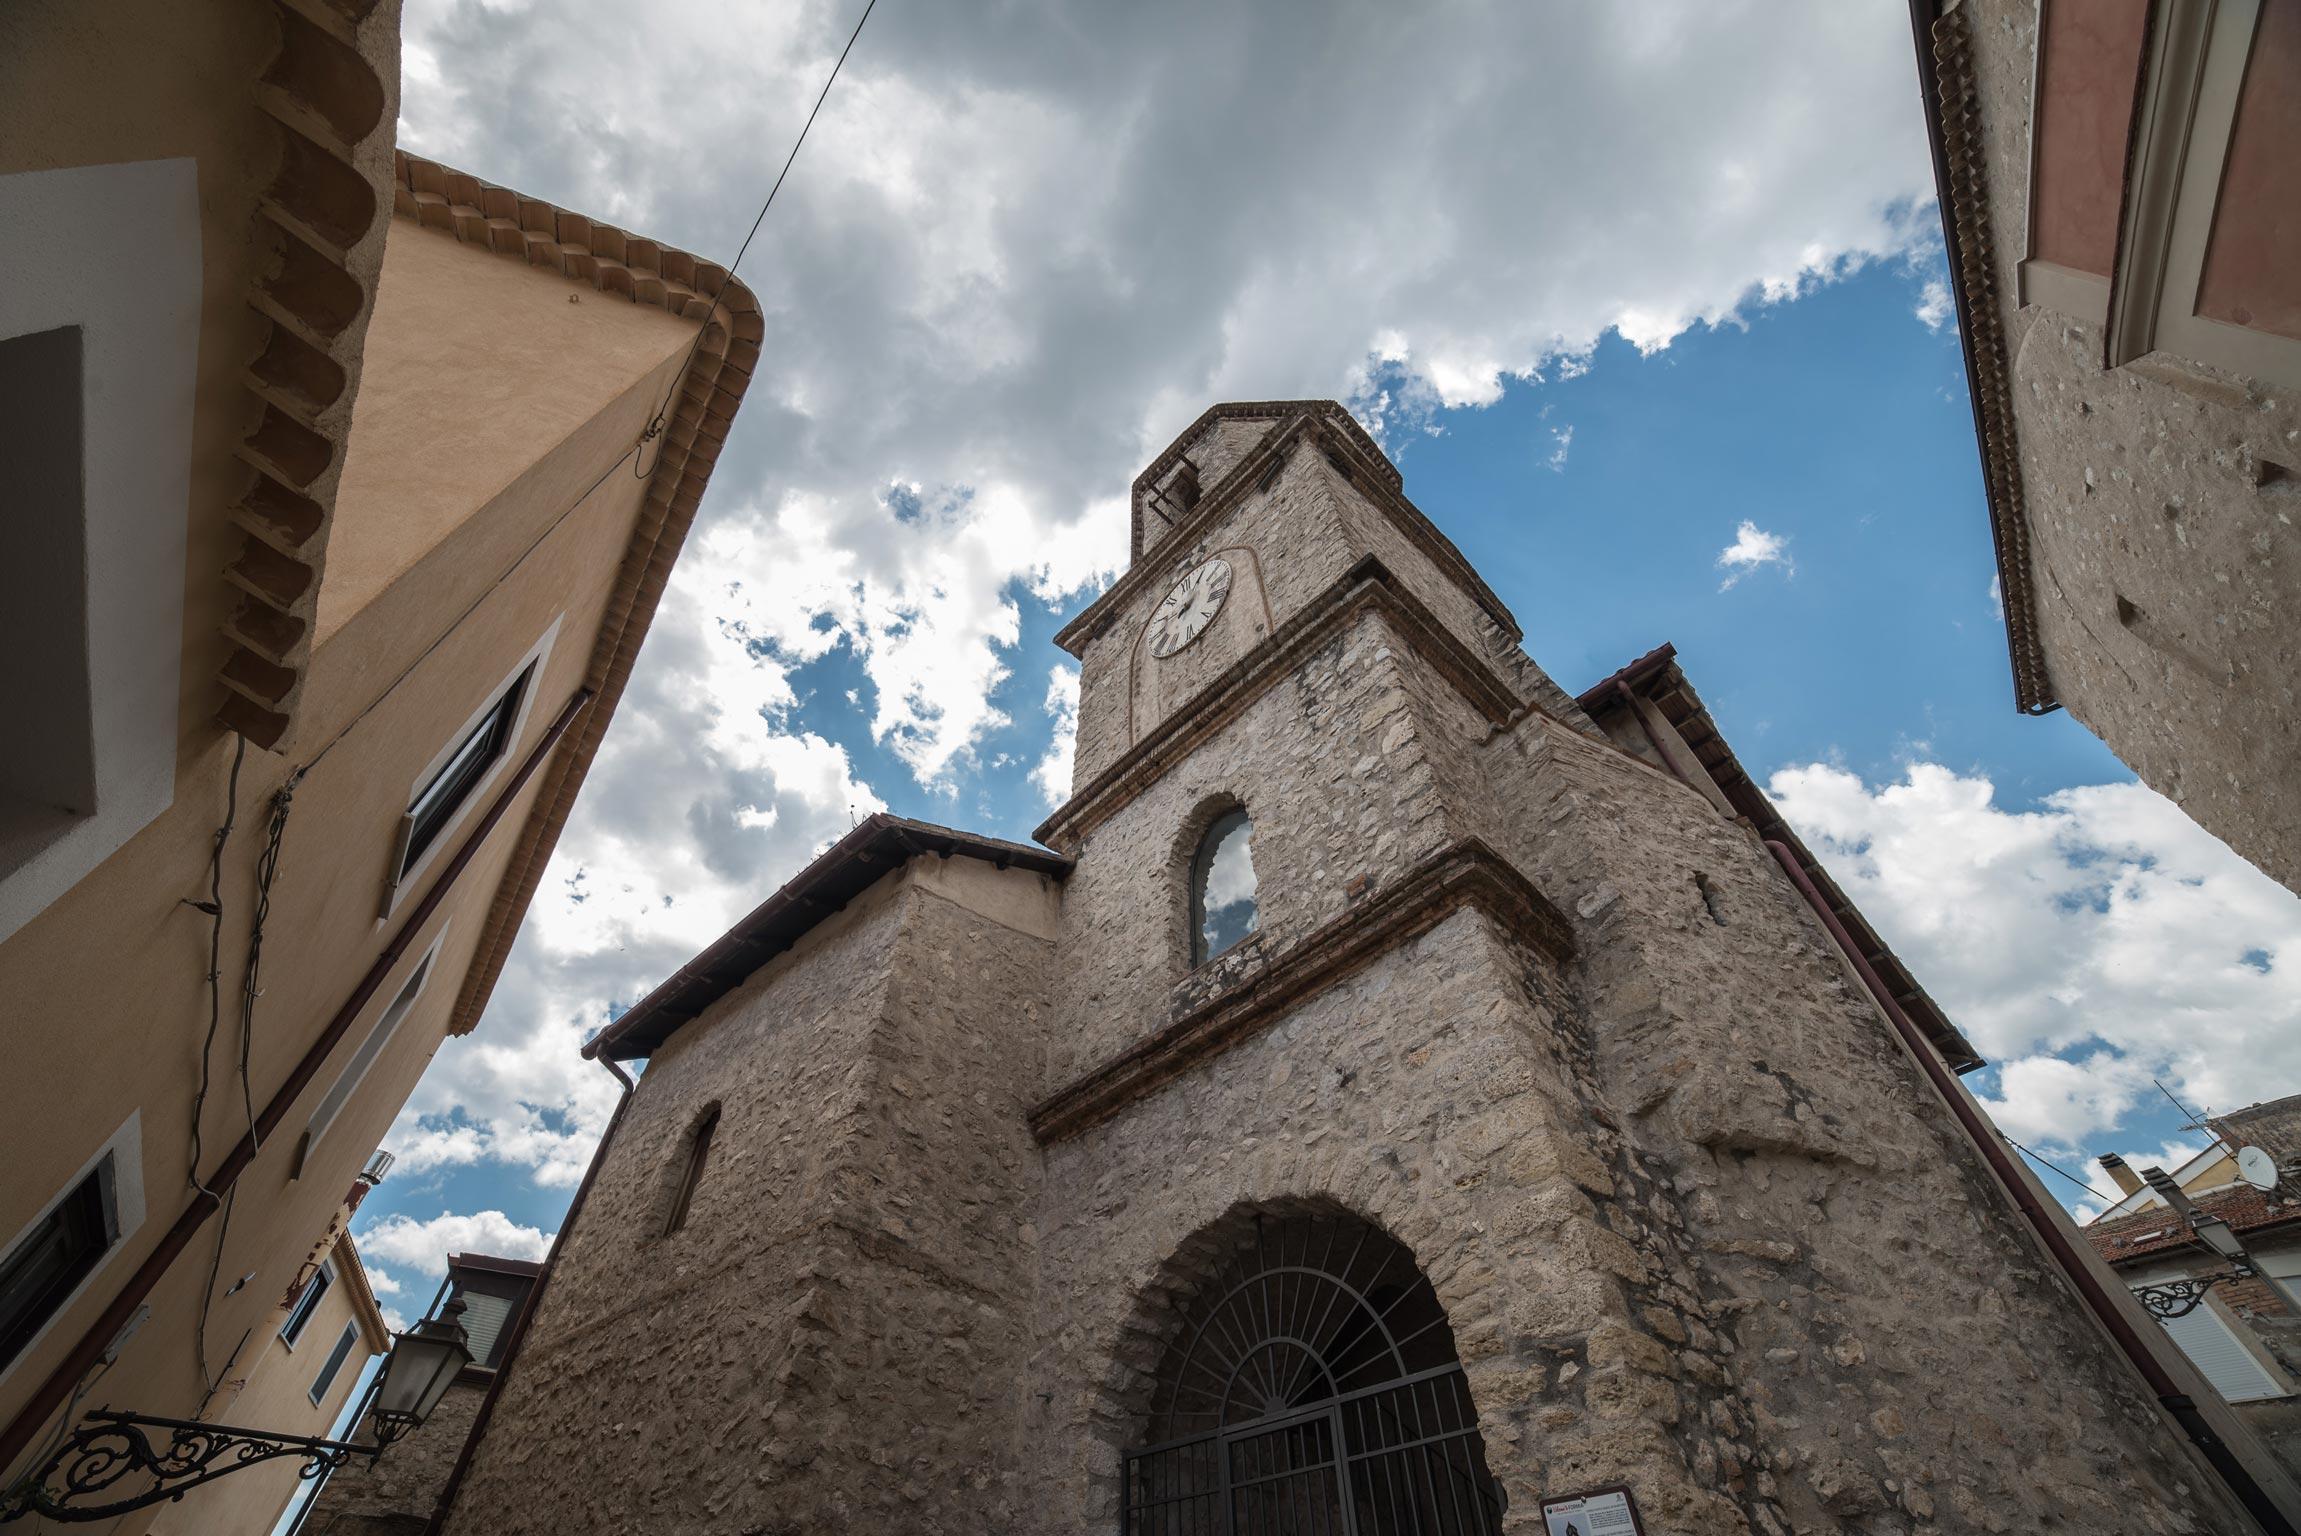 Campanile della Chiesa di Santa Maria dei Martiri